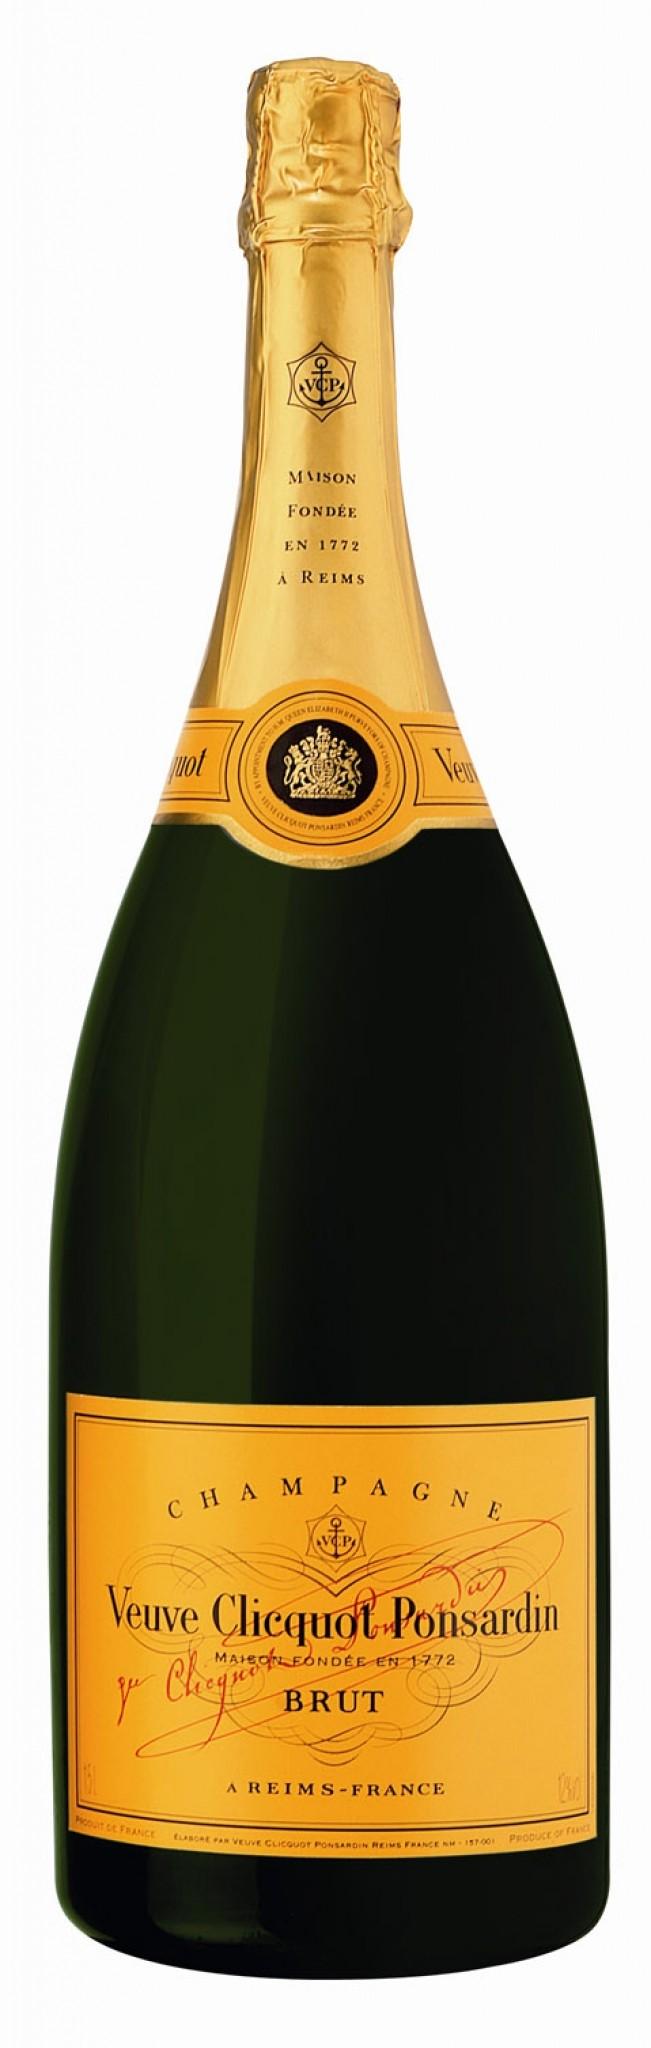 Veuve Clicquot - Brut Imperial Großflasche